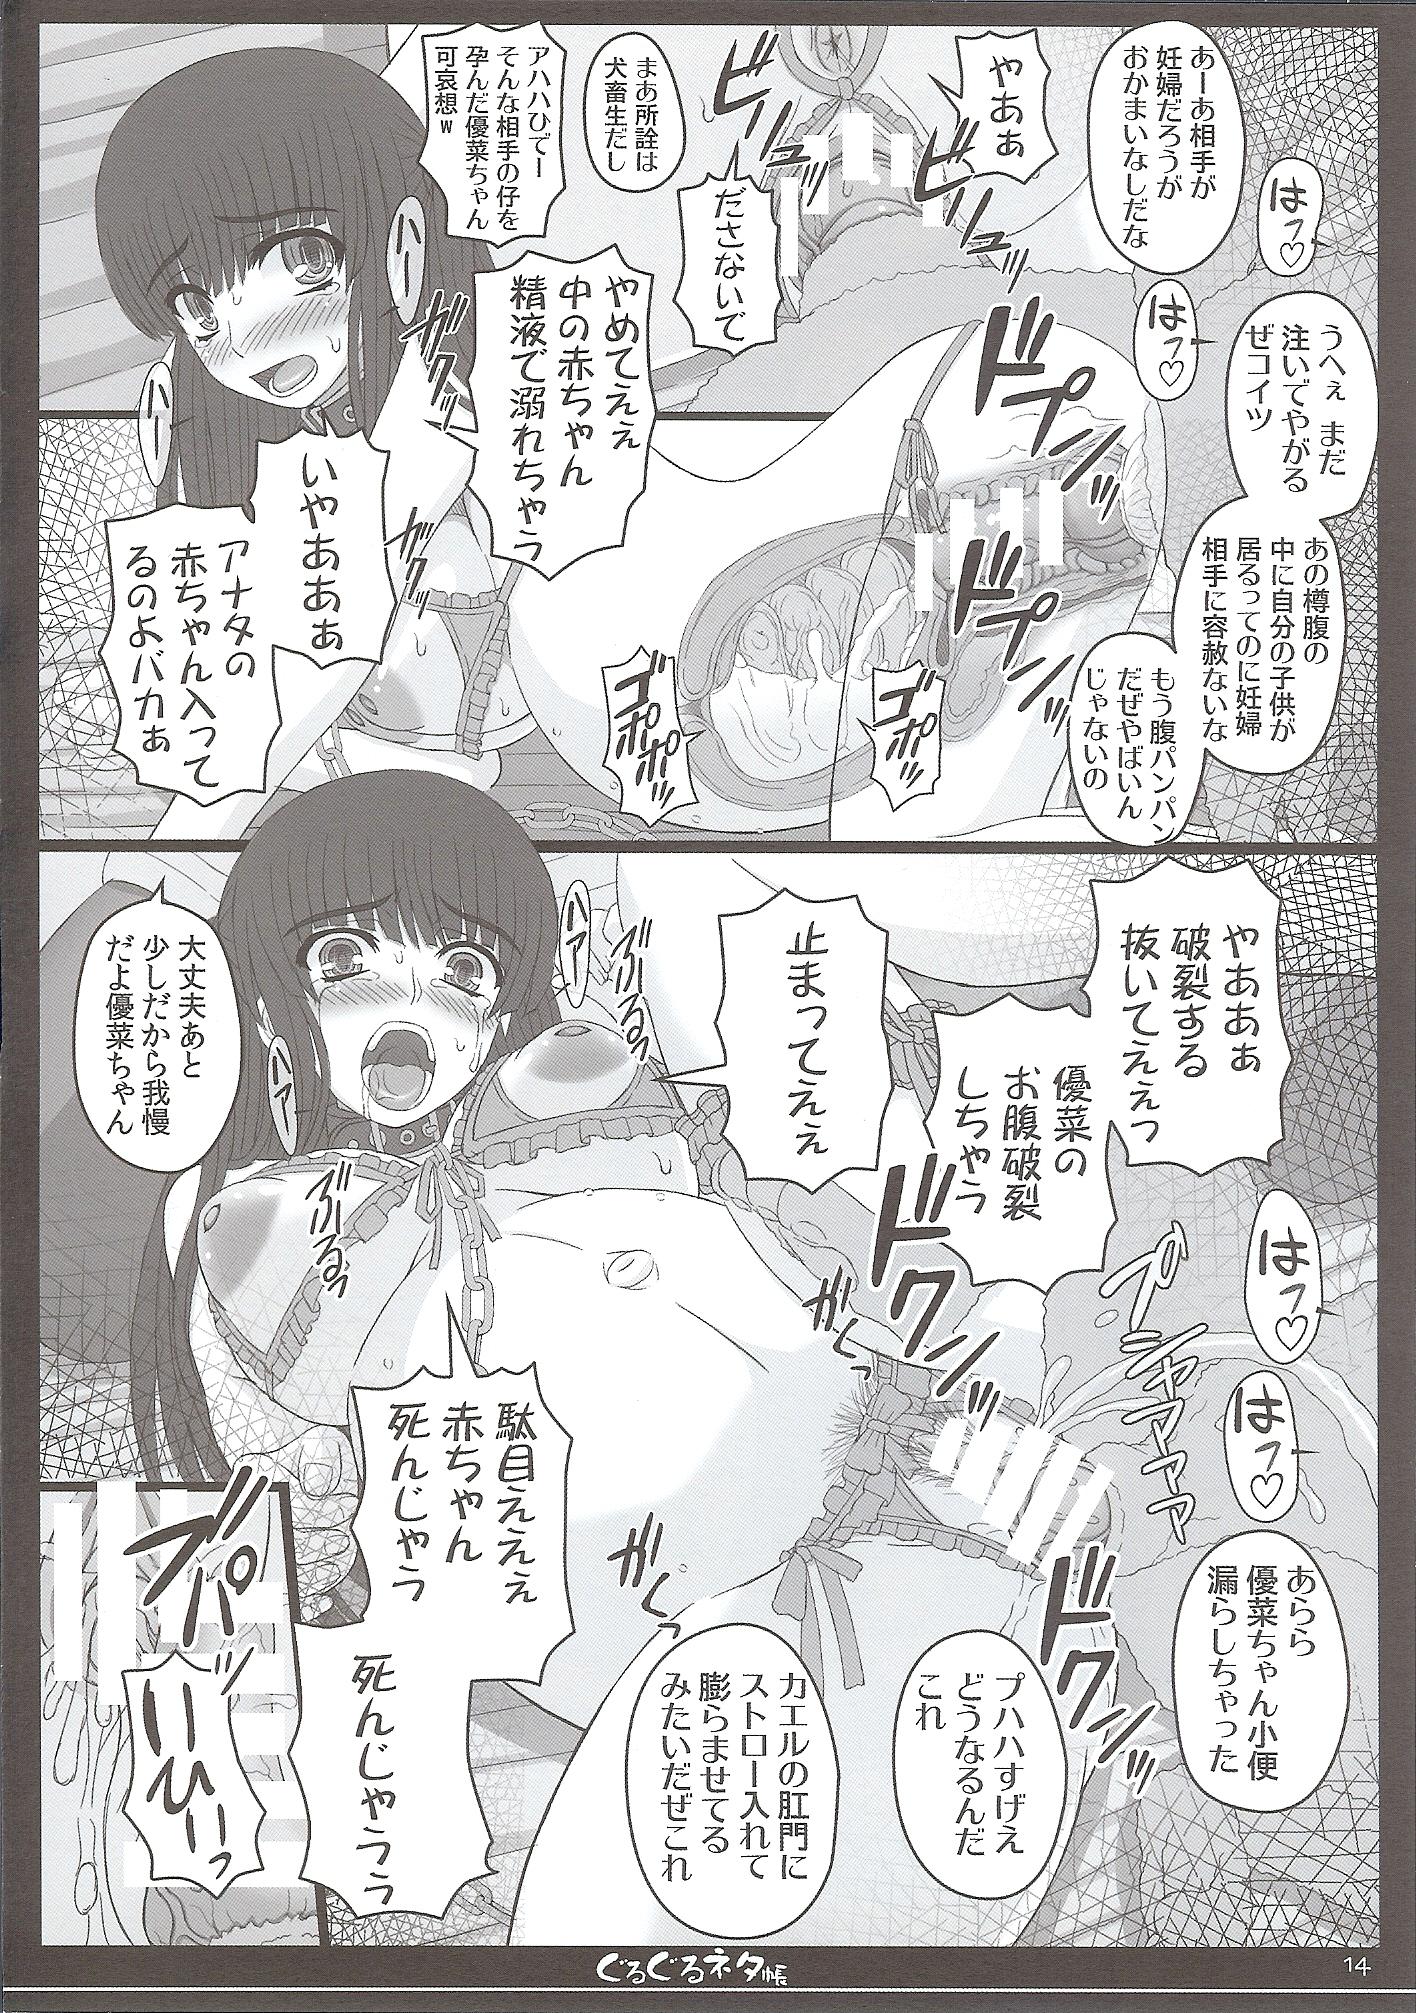 【エロ漫画・エロ同人誌】巨乳女子校生が野良犬とセックスして処女喪失www (13)